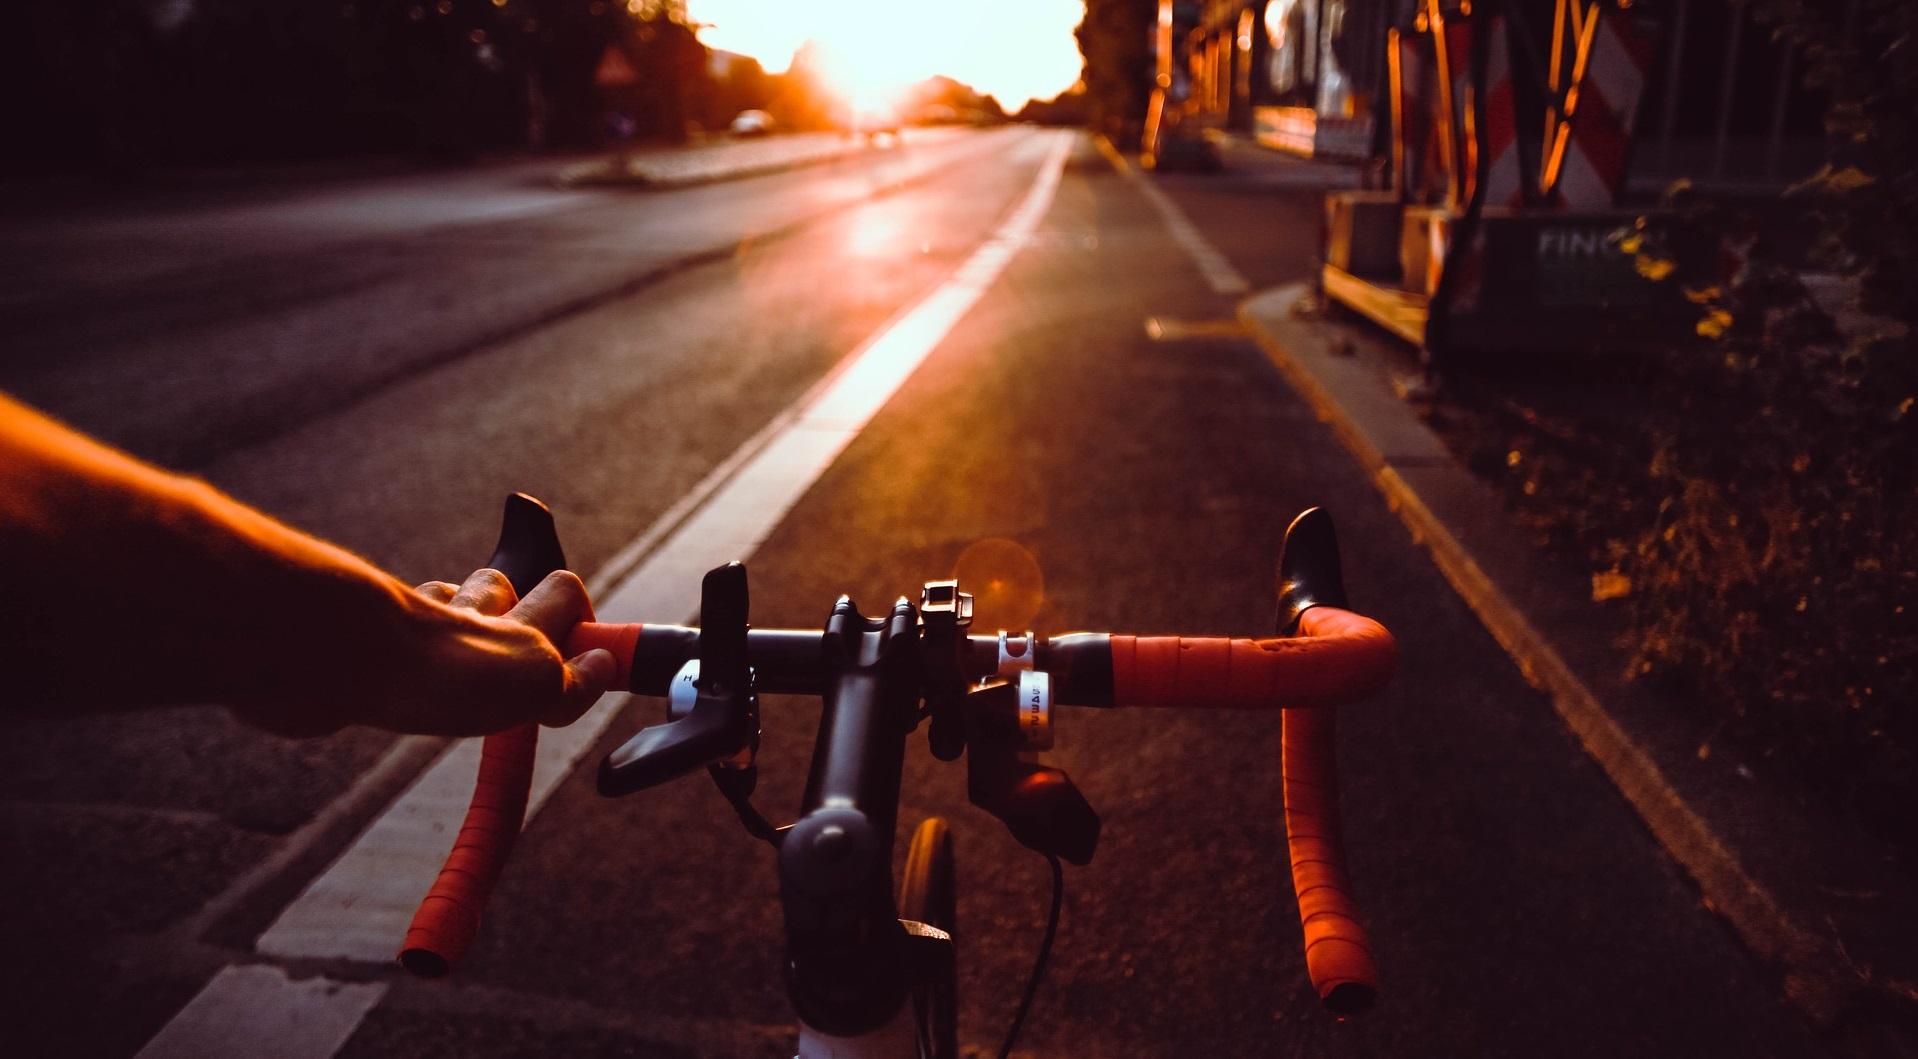 Cómo convertir tu bici en eléctrica cambiándole la rueda